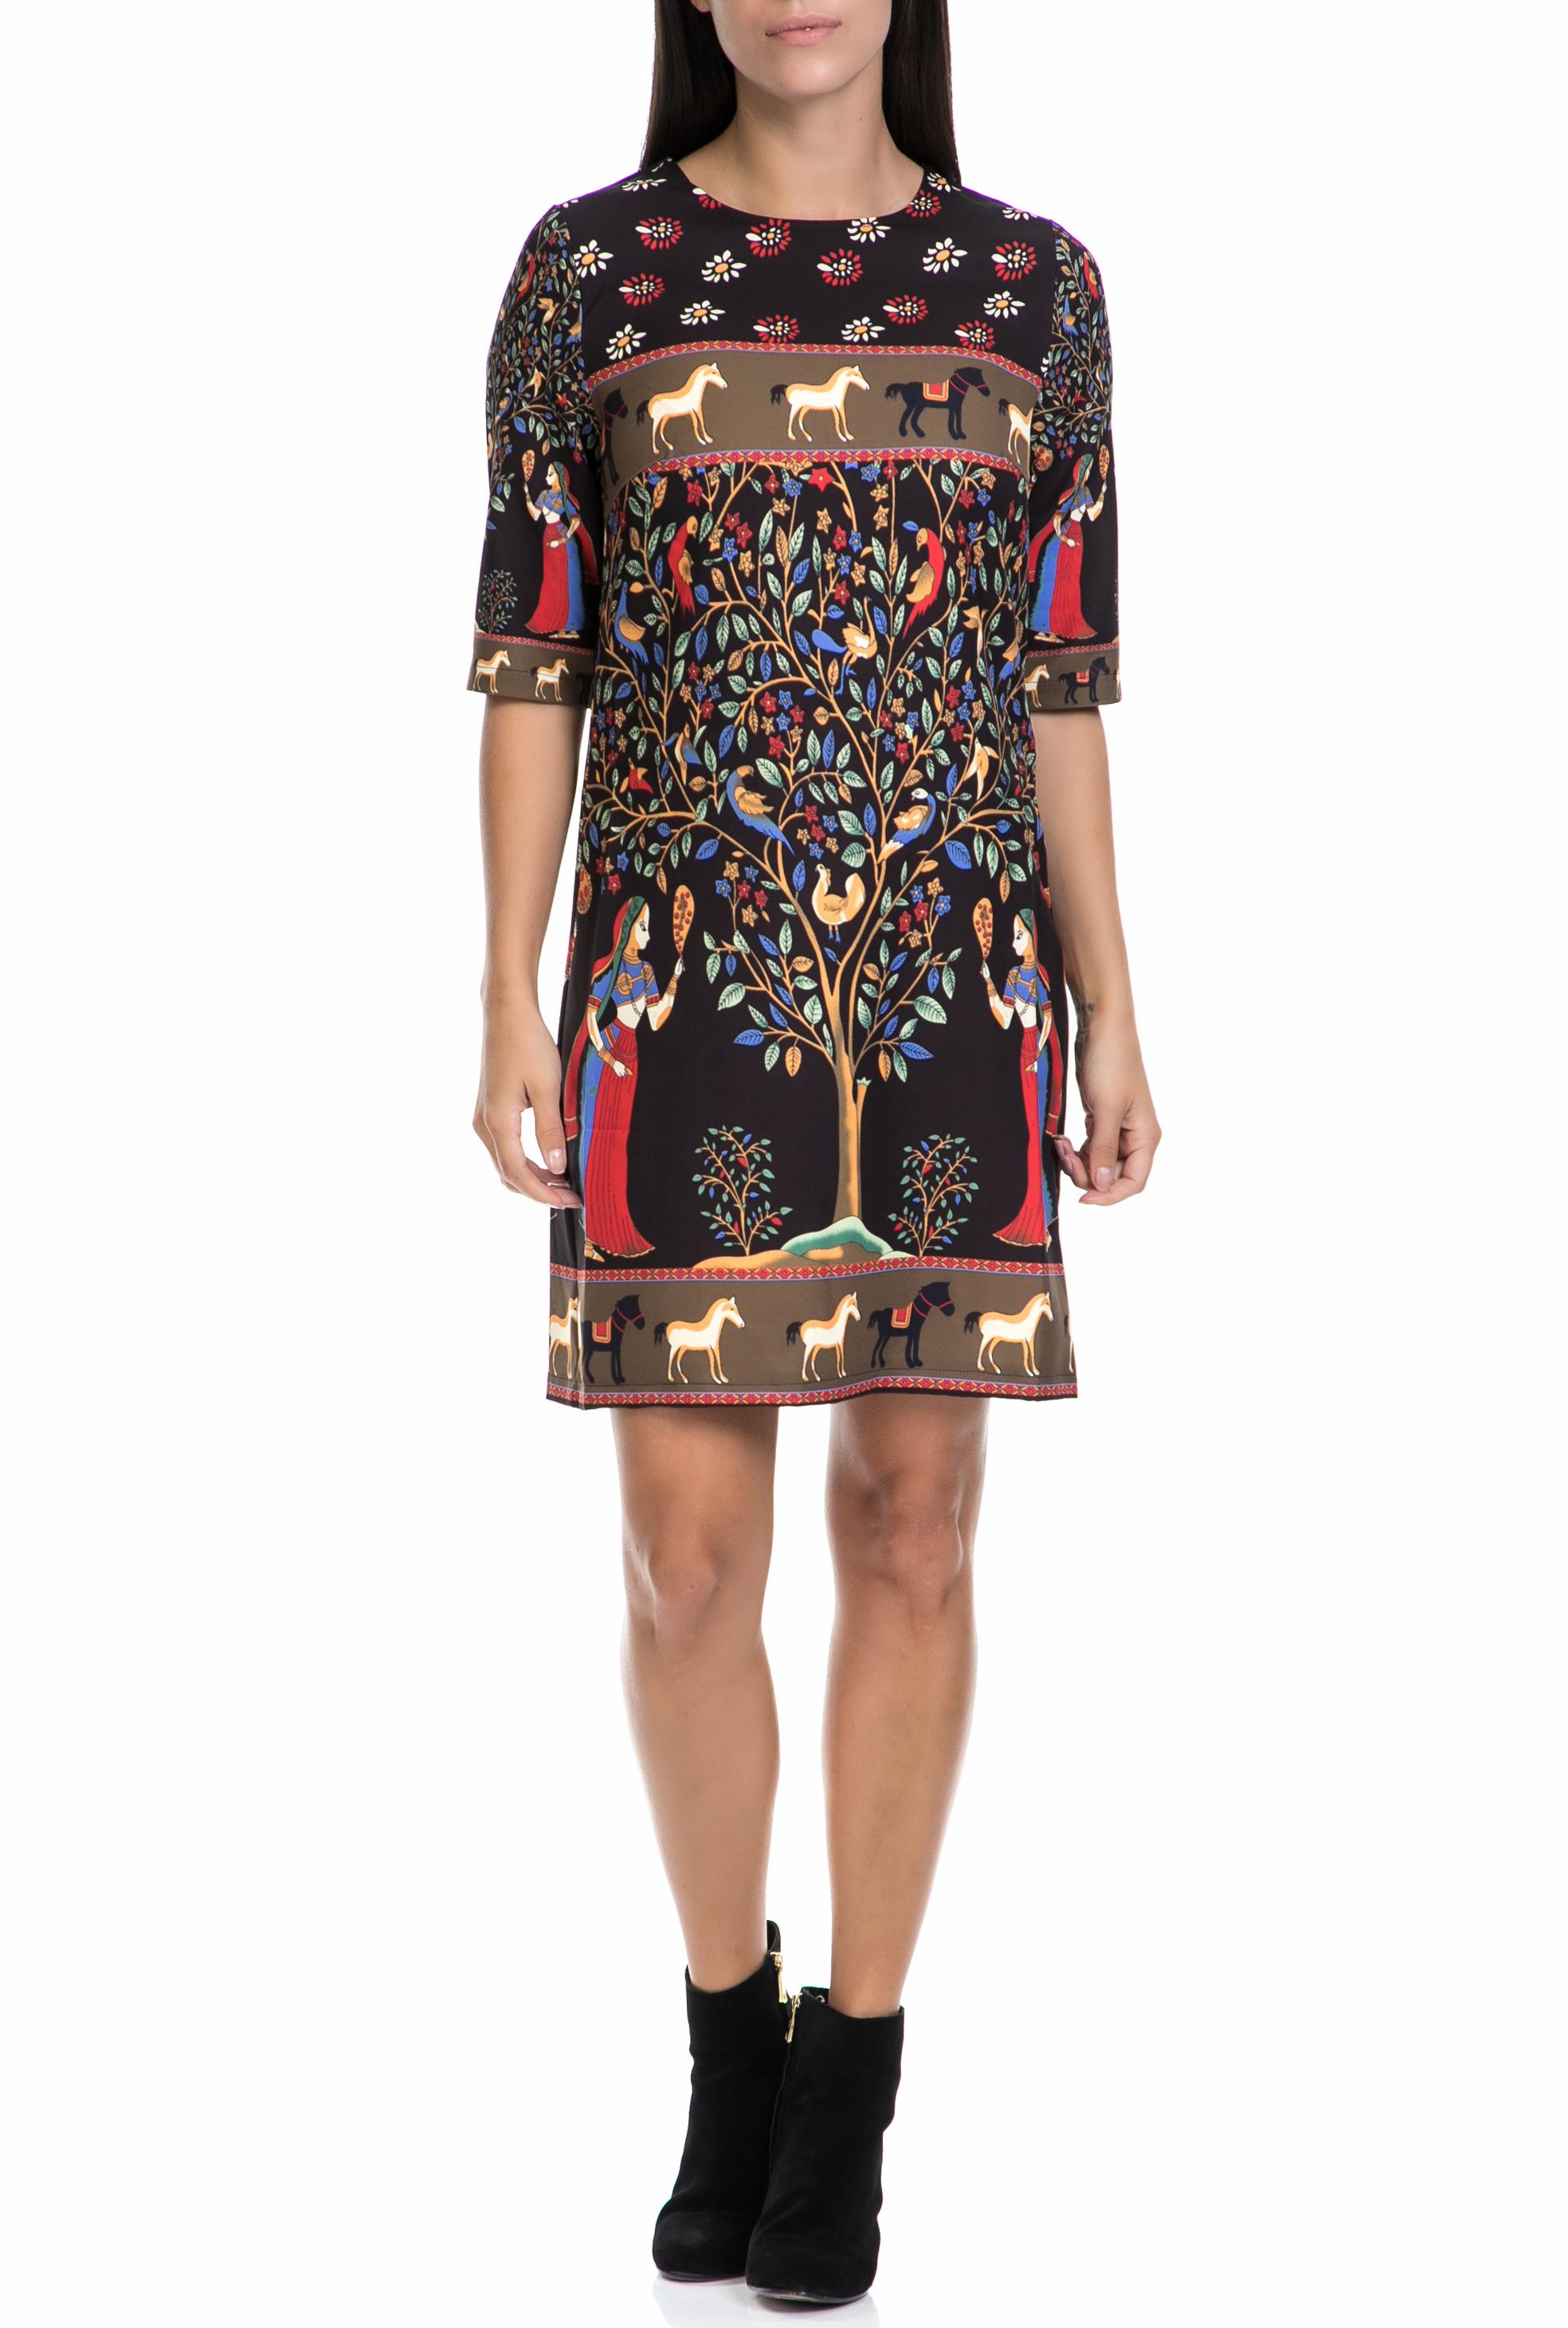 MOLLY BRACKEN - Γυναικείο φόρεμα MOLLY BRACKEN εμπριμέ γυναικεία ρούχα φορέματα μίνι